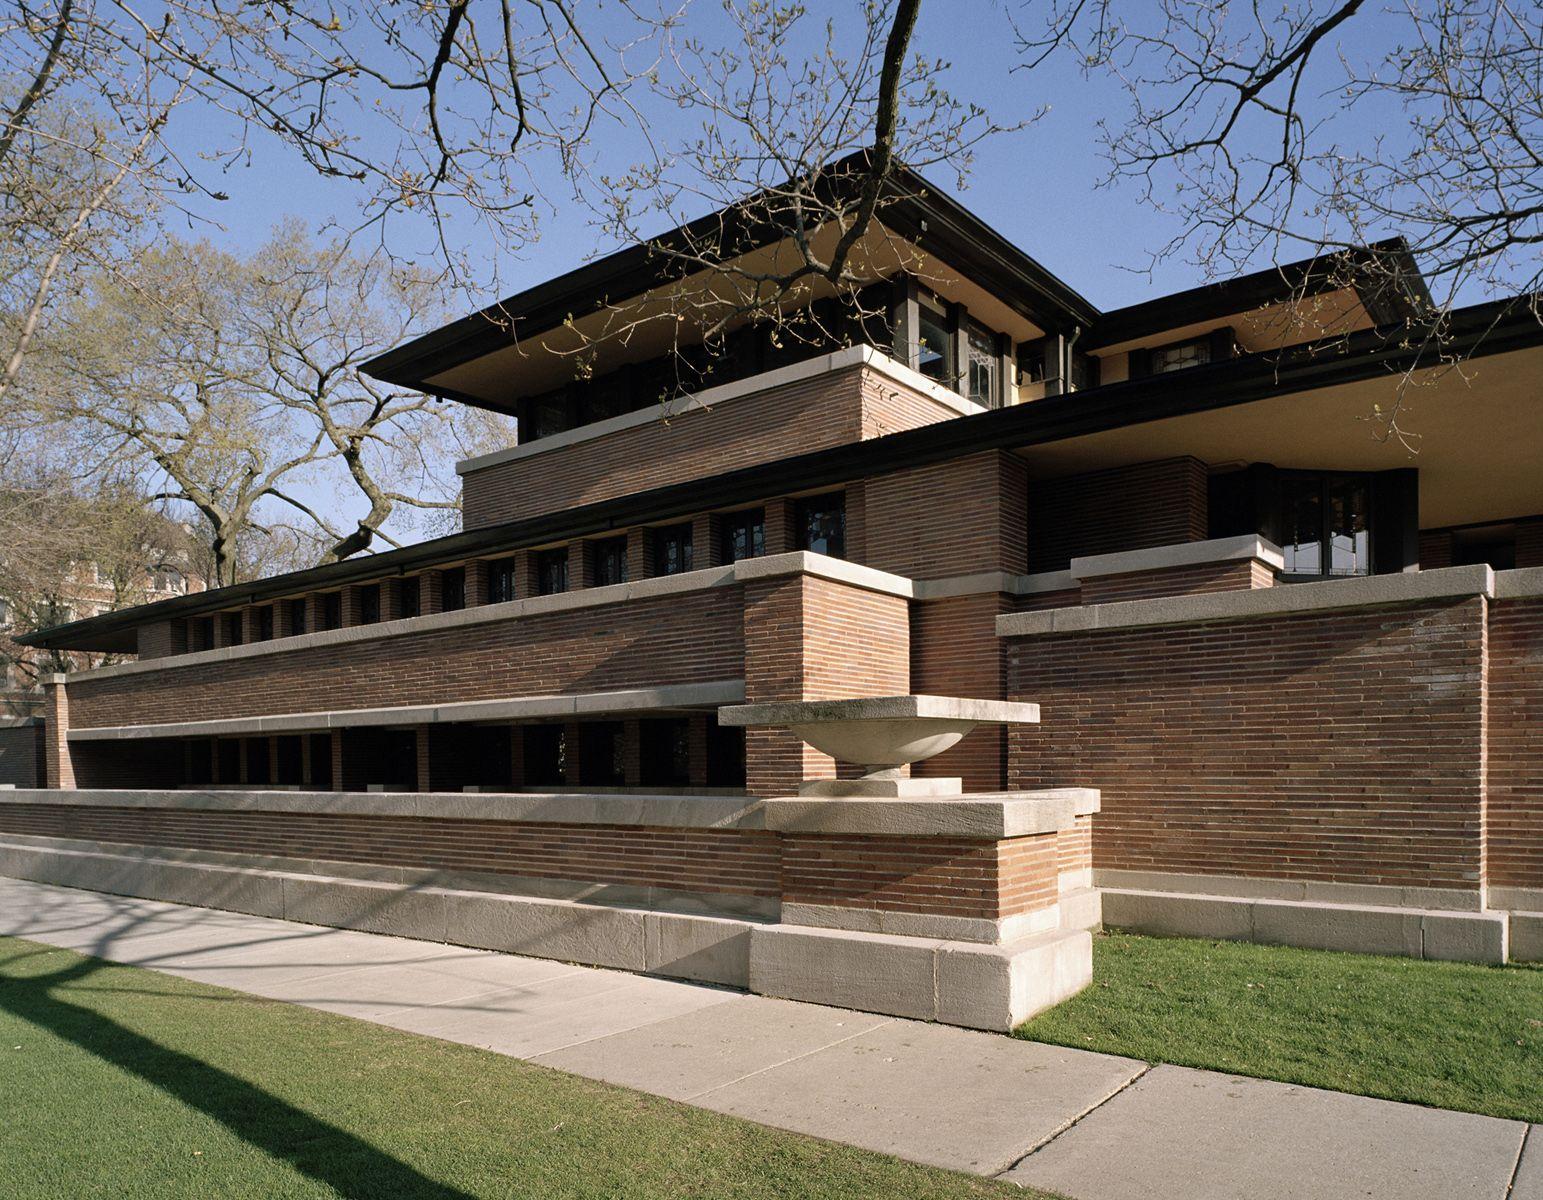 Frank Lloyd Wright Robie House Frank Lloyd Wright Robie House Frank Lloyd Wright Buildings Frank Lloyd Wright Robie